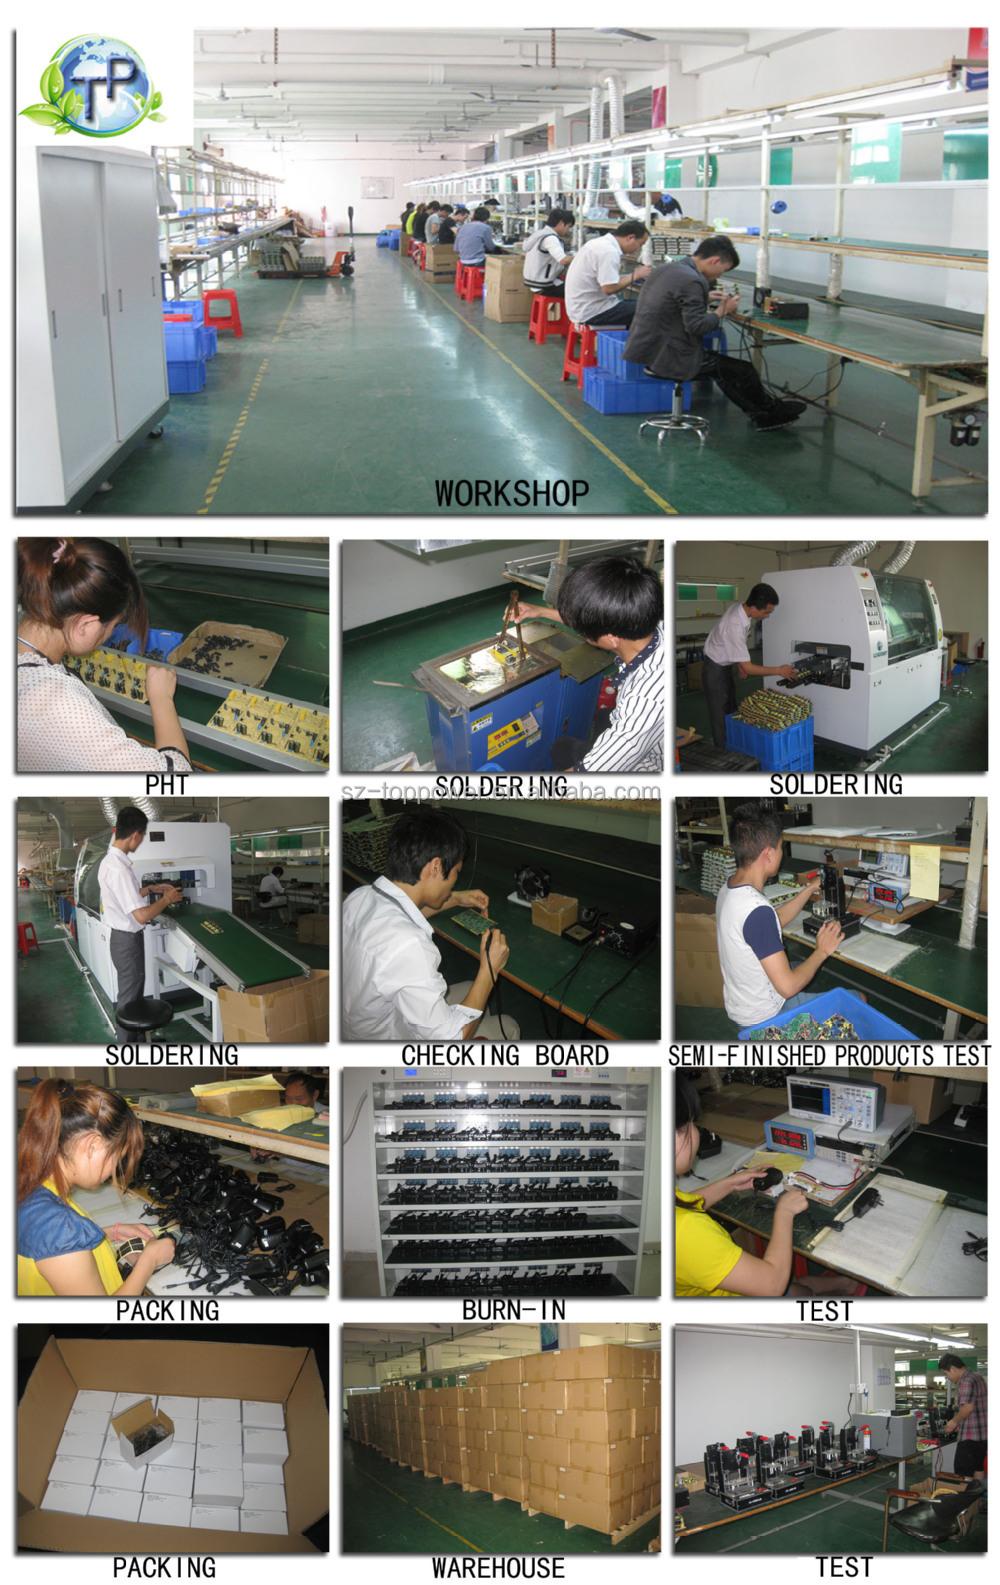 110v 220v 230v Ac Dc 5v Power Supply Circuit For Battery Charger 12v Batterycharger Powersupplycircuit Our Workshop Show 2